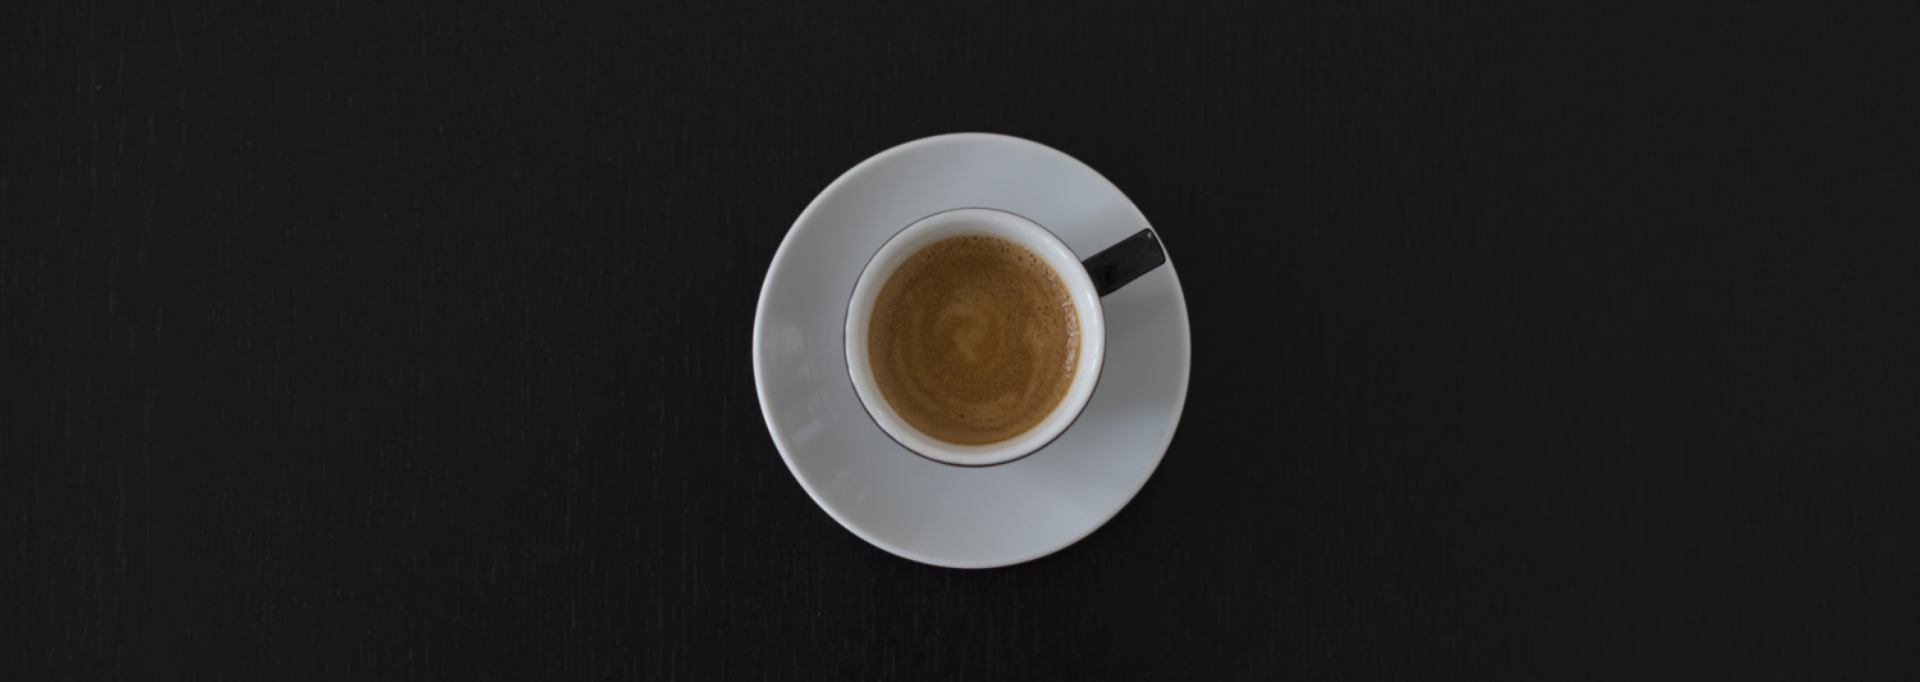 dieta kopenhaska kawa na śniadanie